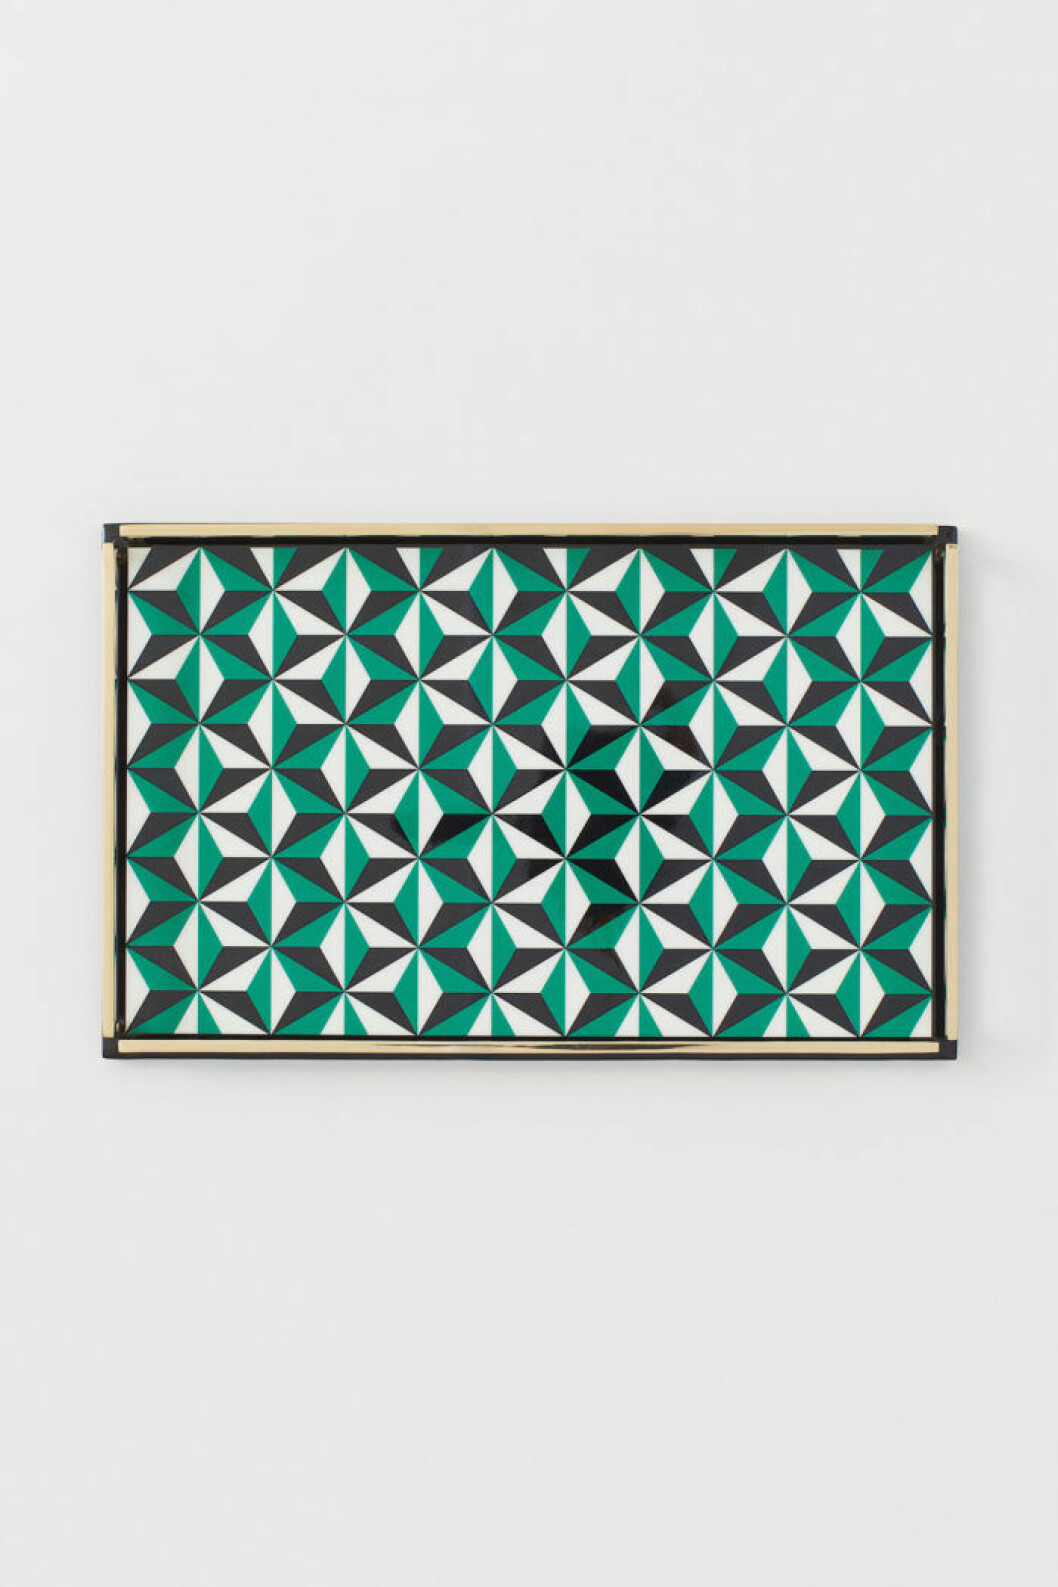 Mönstrad bricka i grönt, svart och vitt från Jonathan Adler x H&M